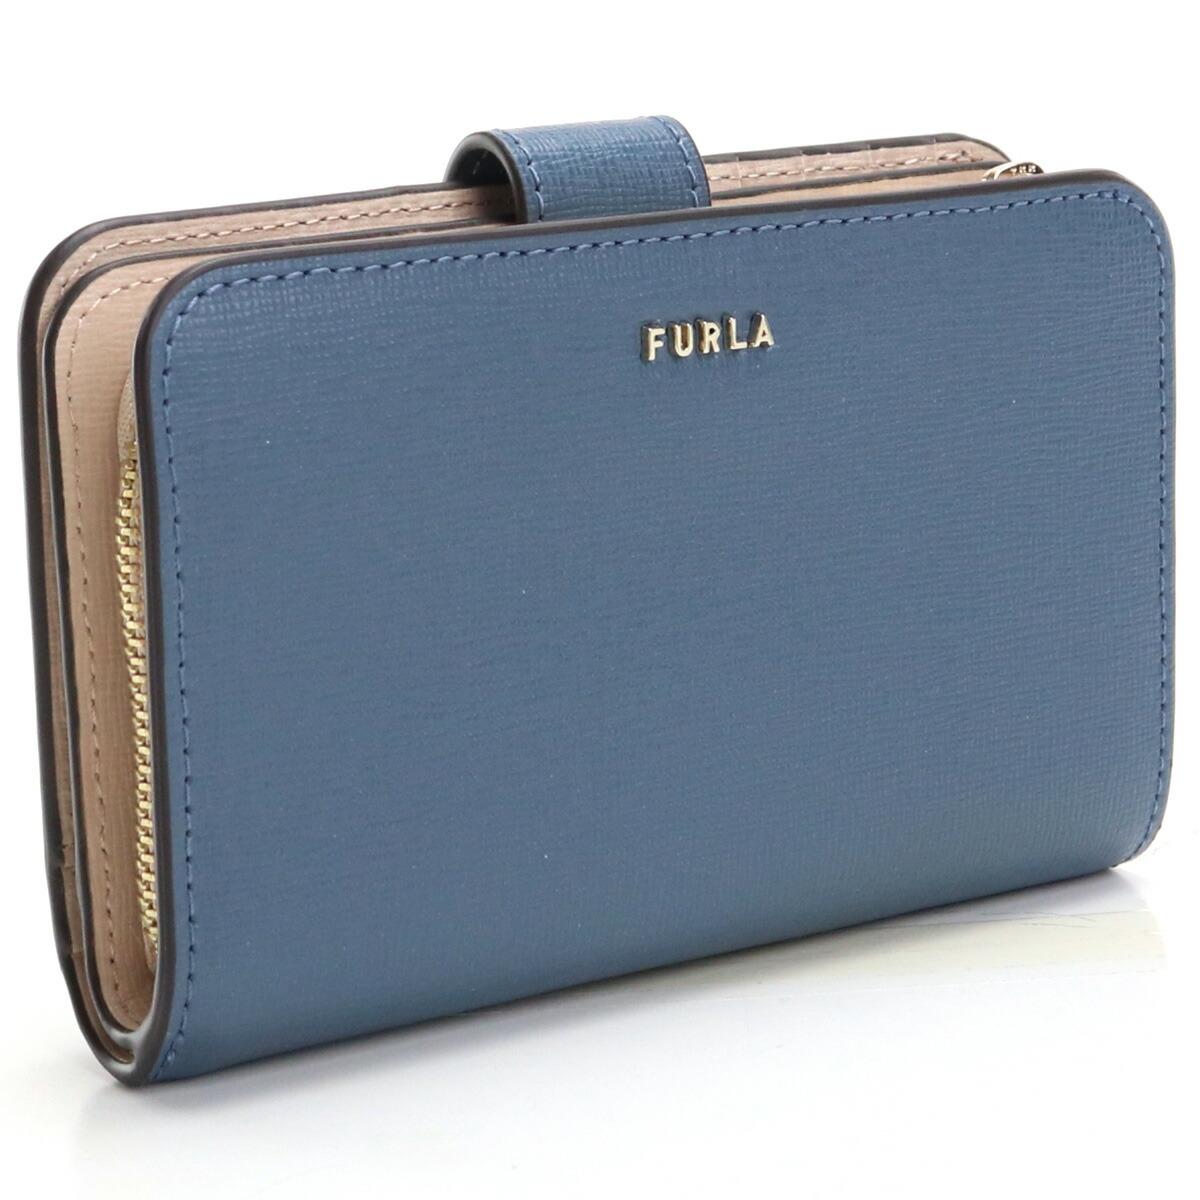 フルラ FURLA BABYLON 2つ折り財布 ブランド財布 コンパクト財布 ミニ財布 PCX9UNO B30000 0245S BLU DENIM+BALLERINA ブルー系